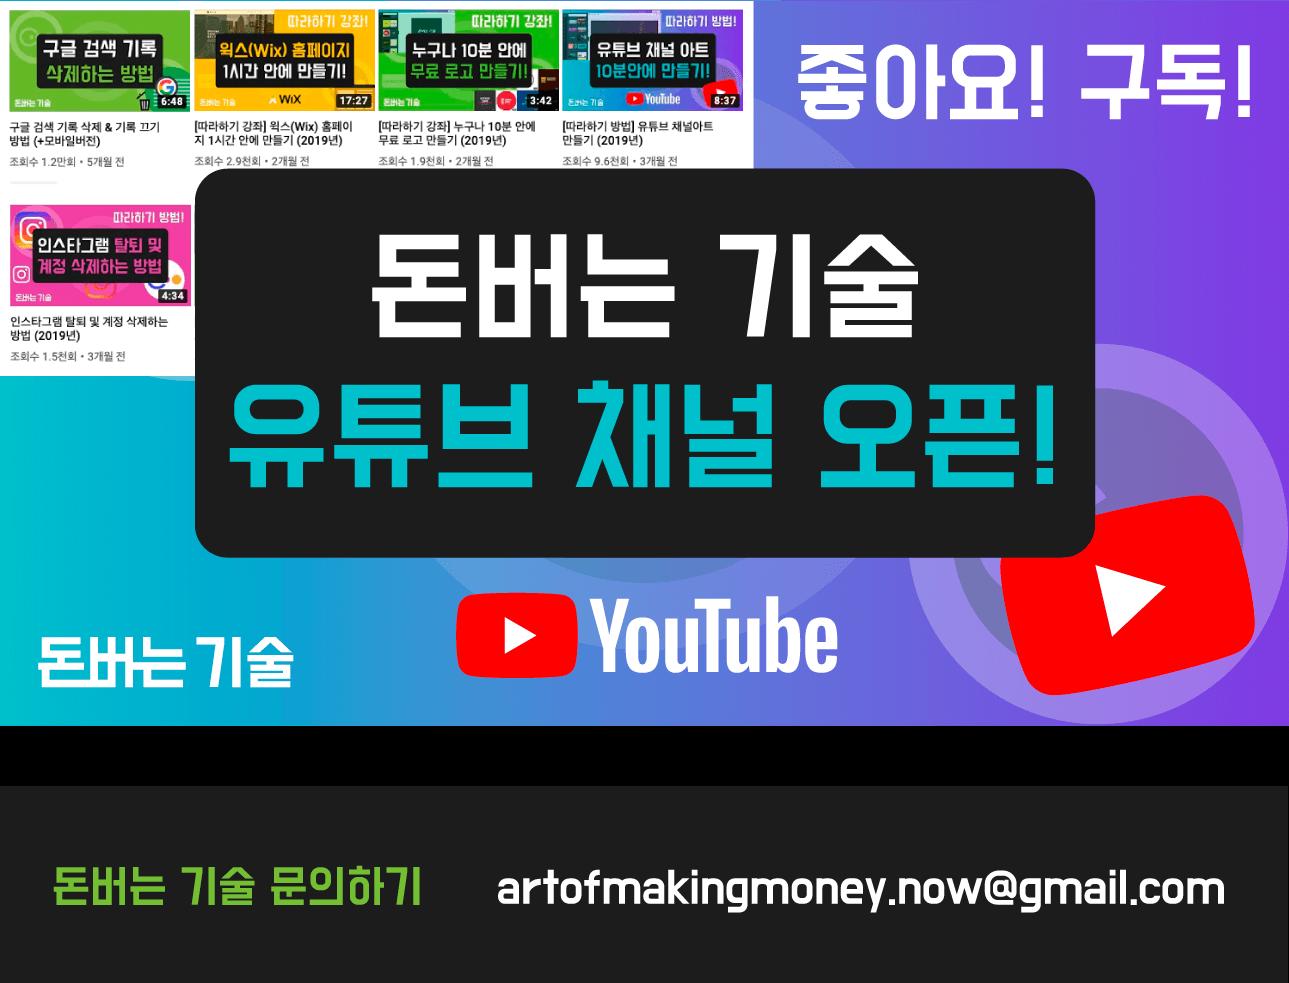 돈버는기술 유튜브 채널